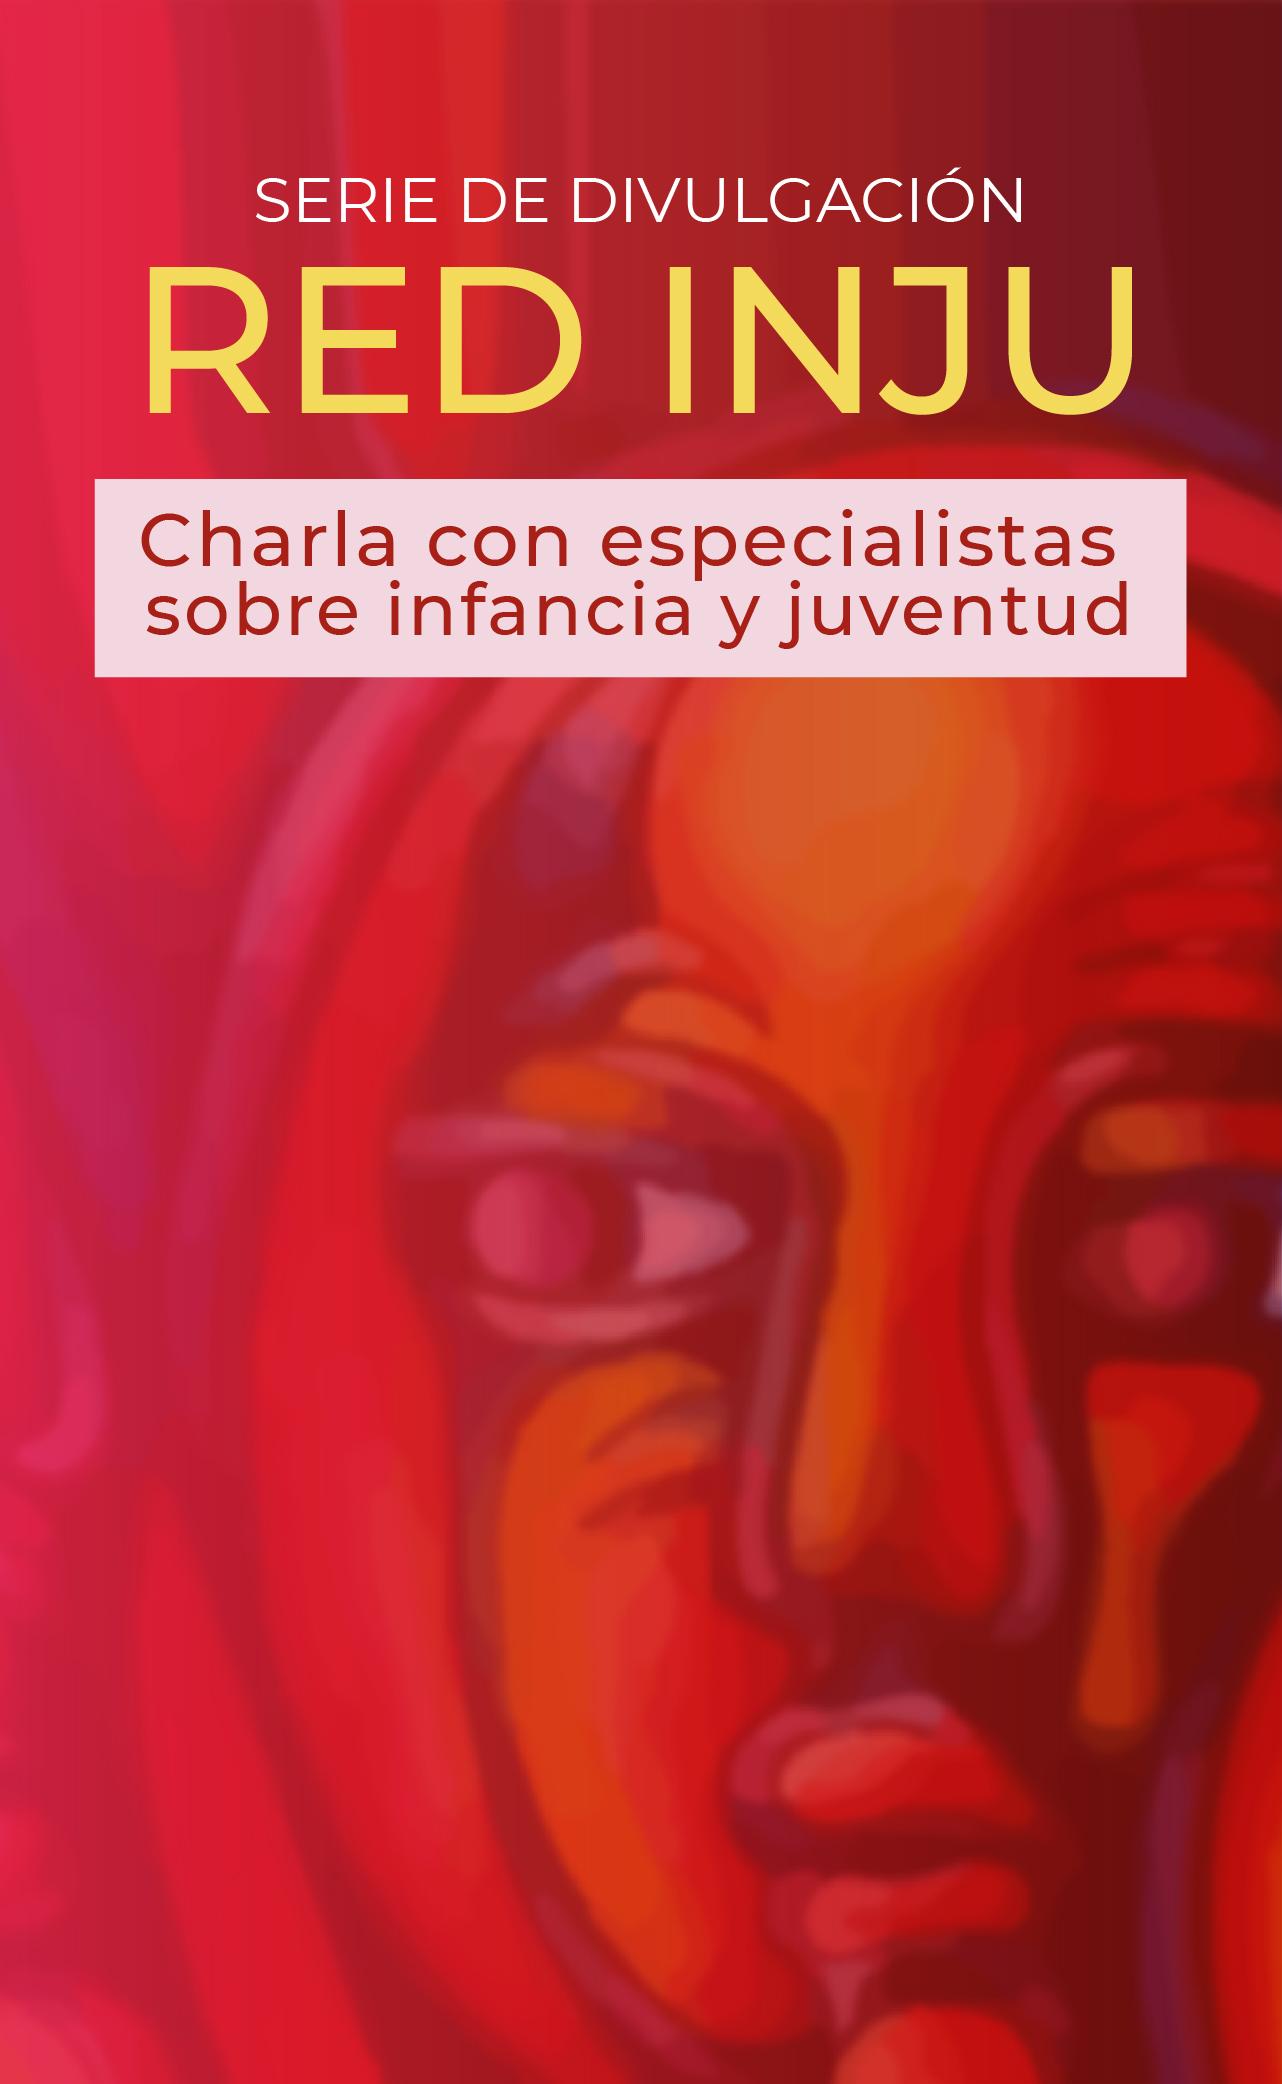 Red INJU